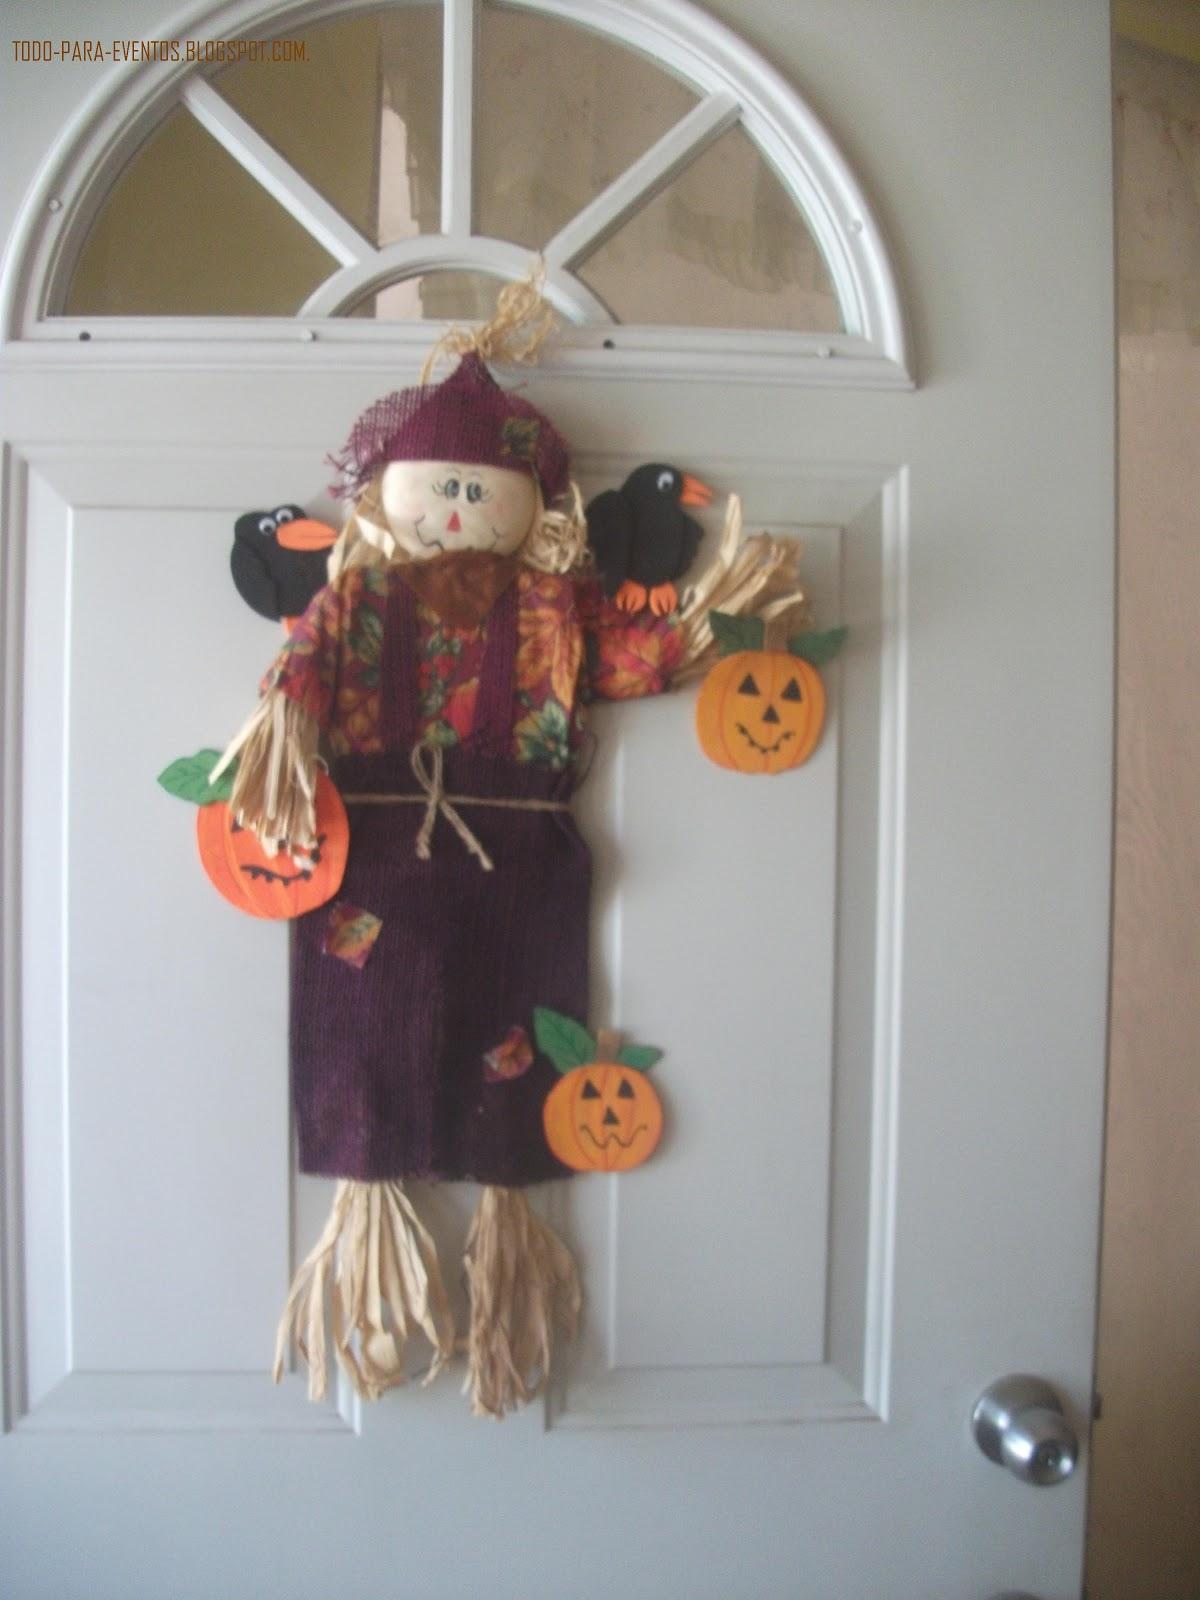 Todo para eventos decoracion de puertas for Decoracion de la puerta de entrada